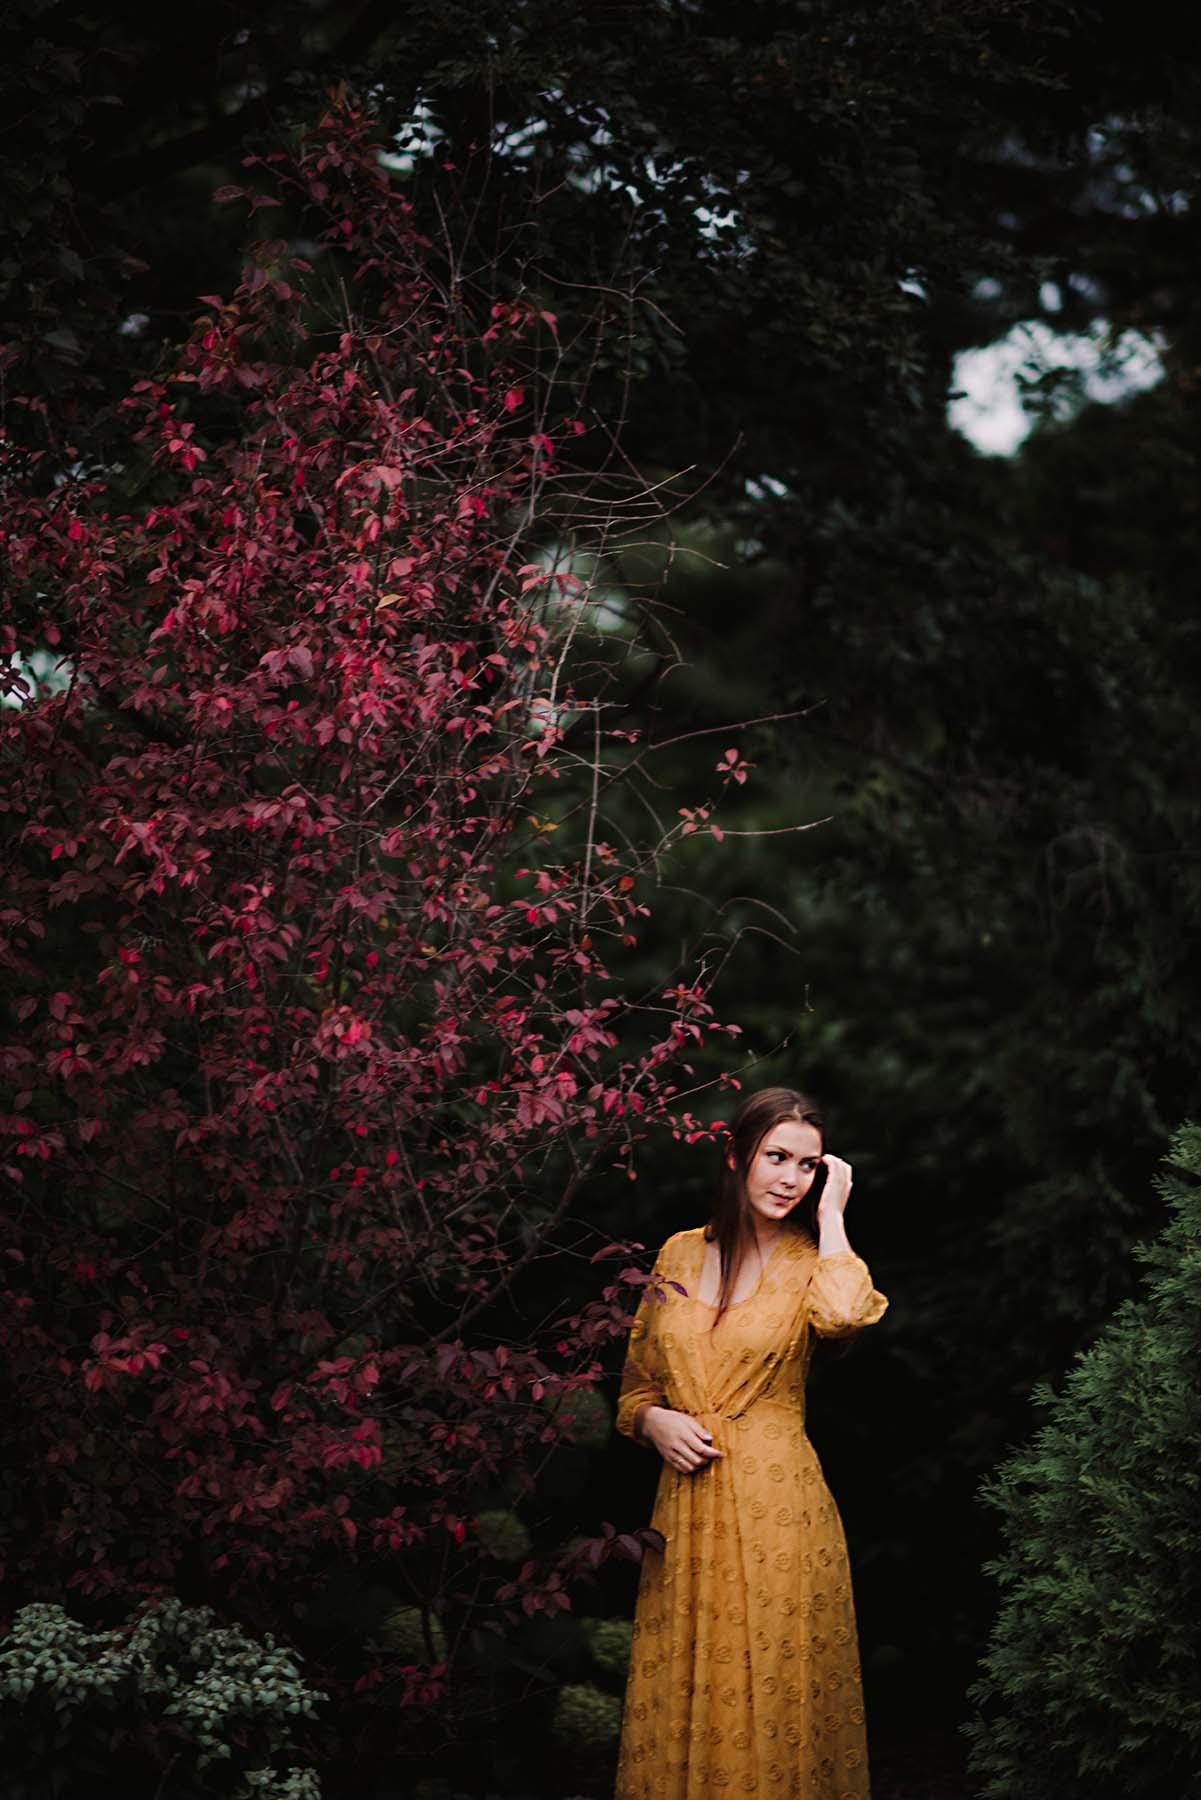 senior girl by flowers